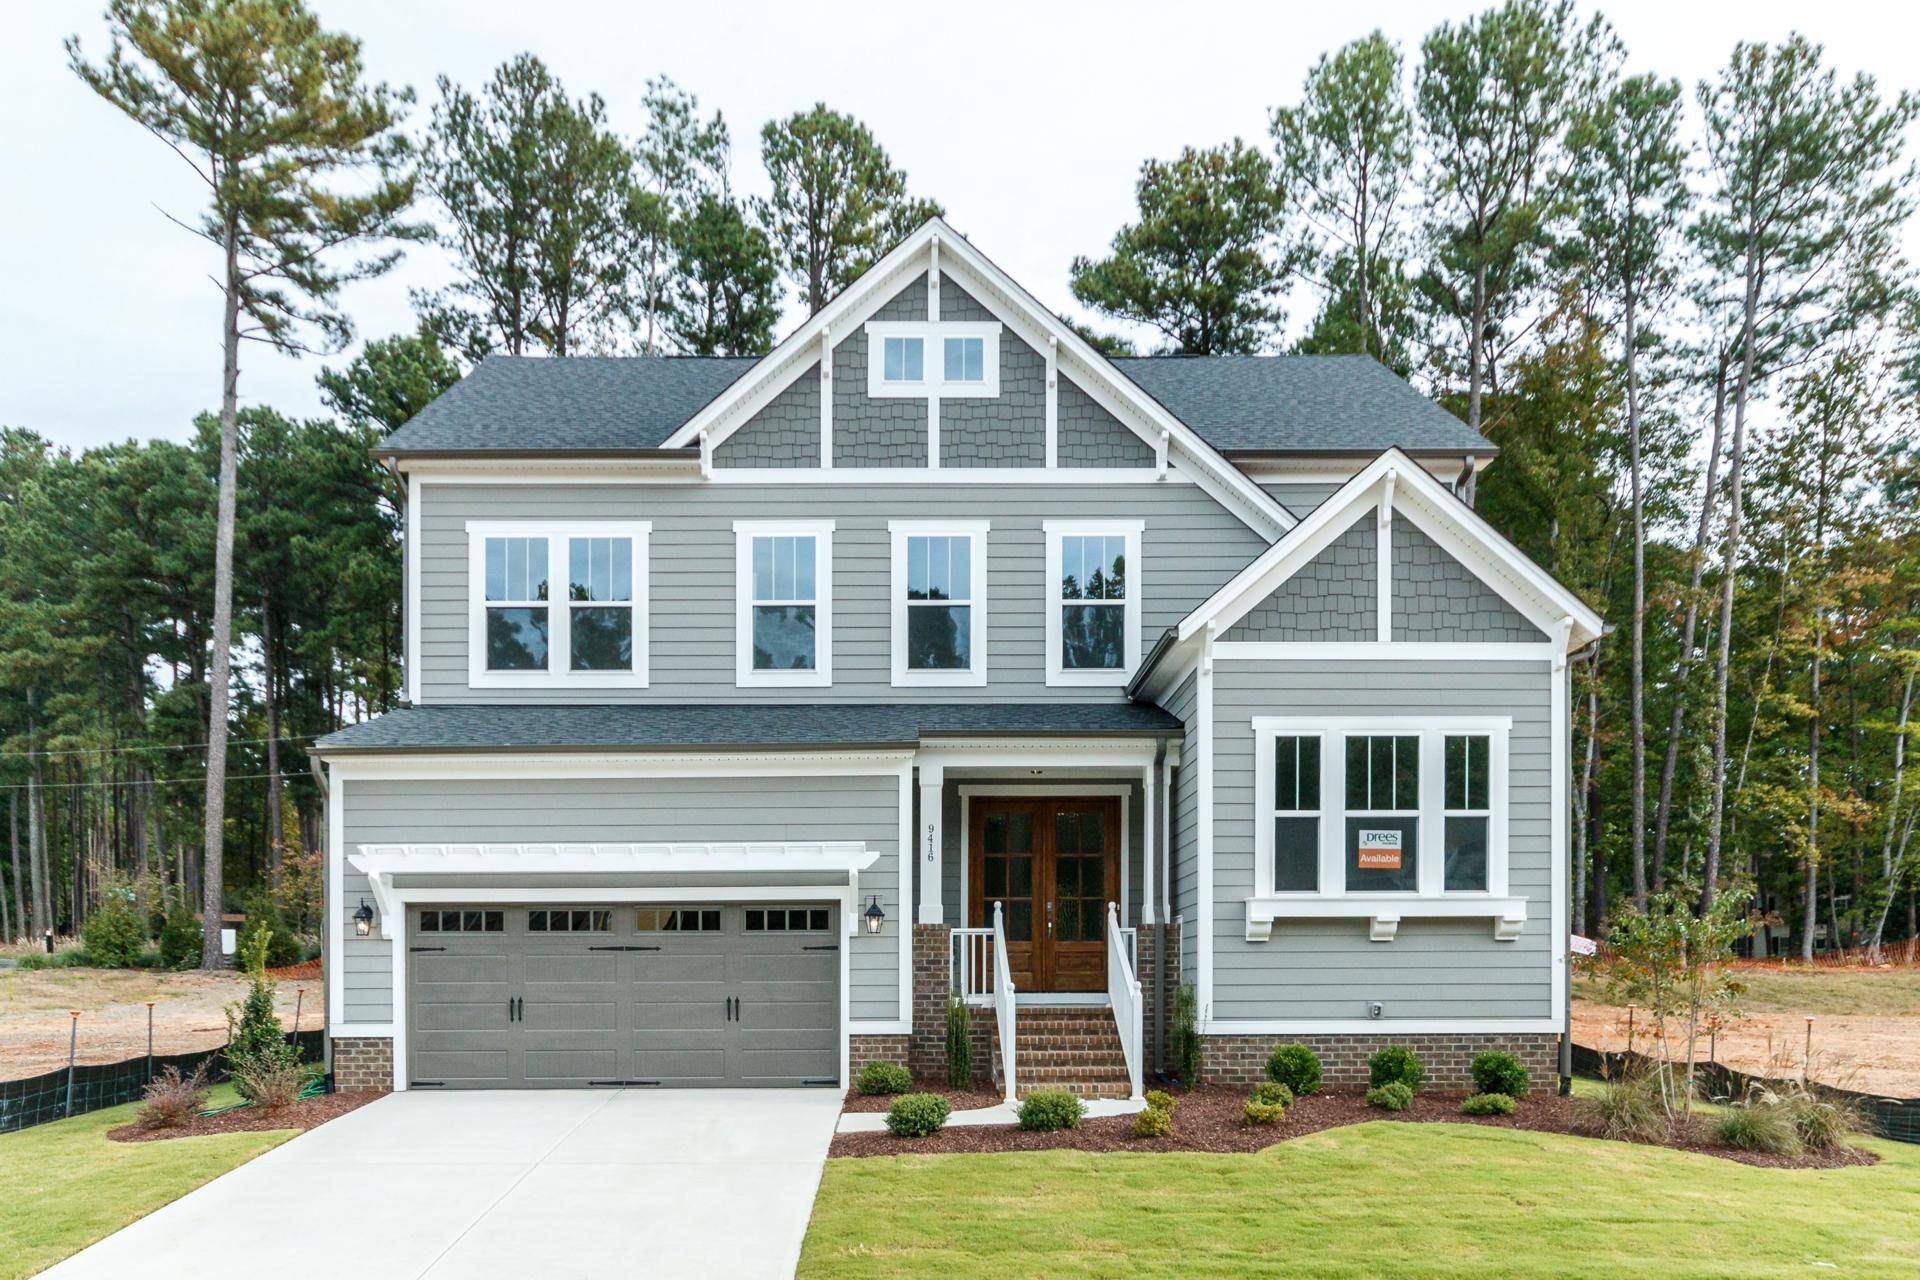 new homes communities in zip 27612 375 communities new homes communities in zip 27612